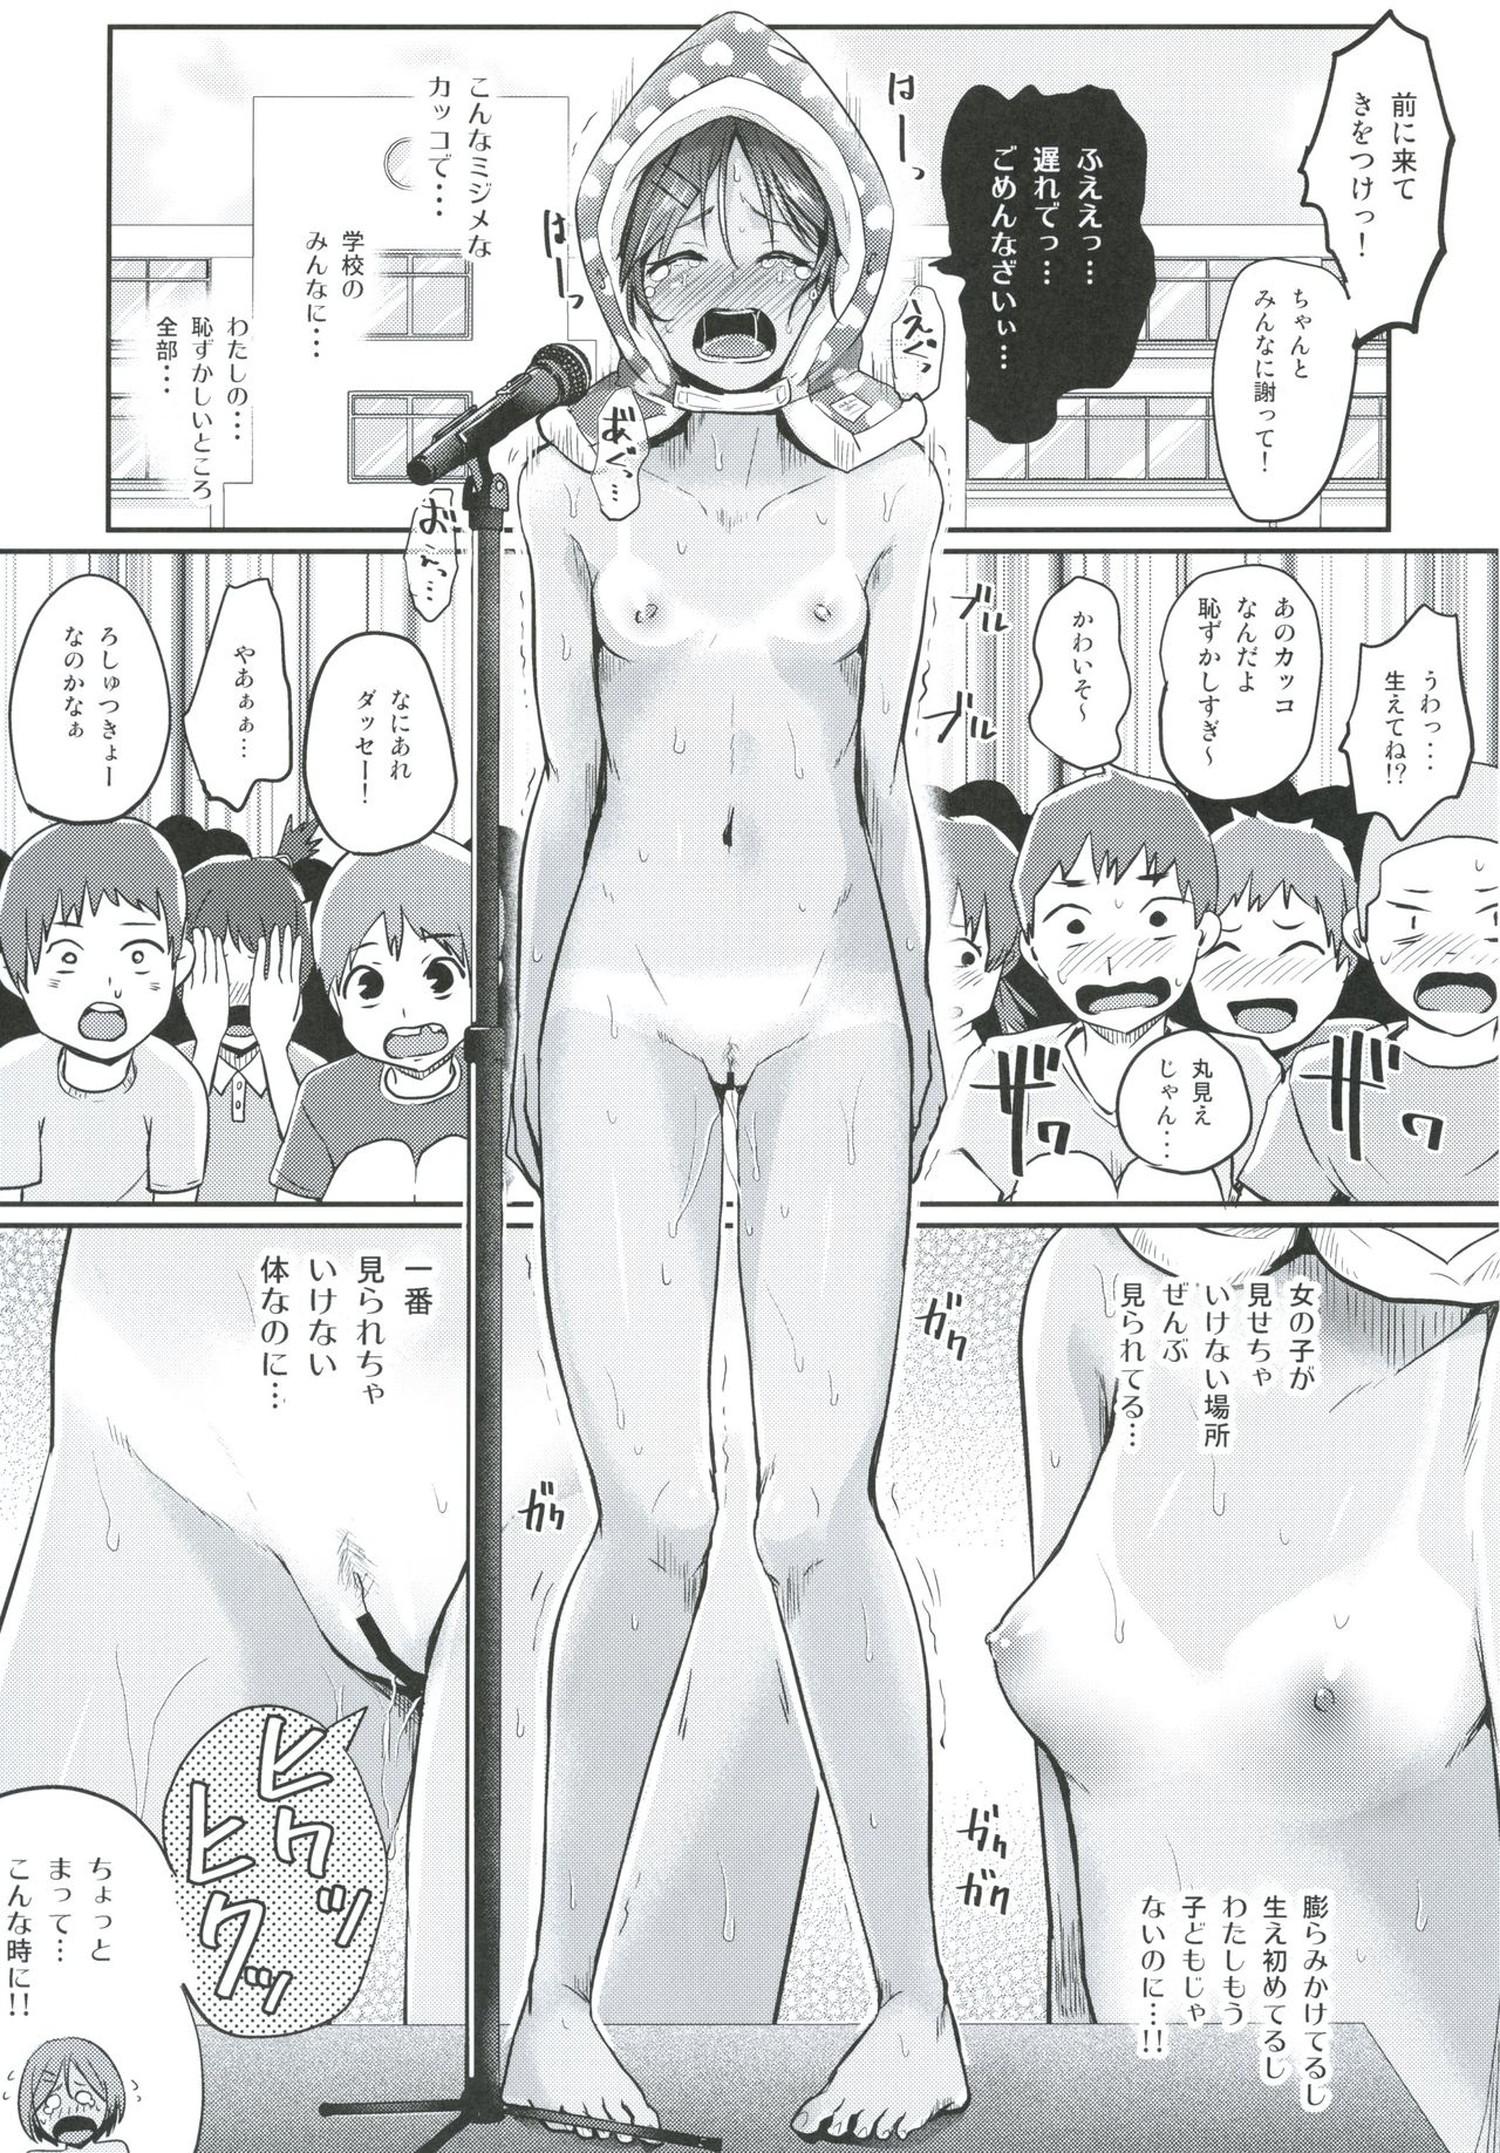 水泳をズル休みしようとした女子学生、全裸のまま教室に戻れなくなり・・日焼けボディ全開で全校生徒を前にお漏らしw【エロ漫画・エロ同人】 (20)